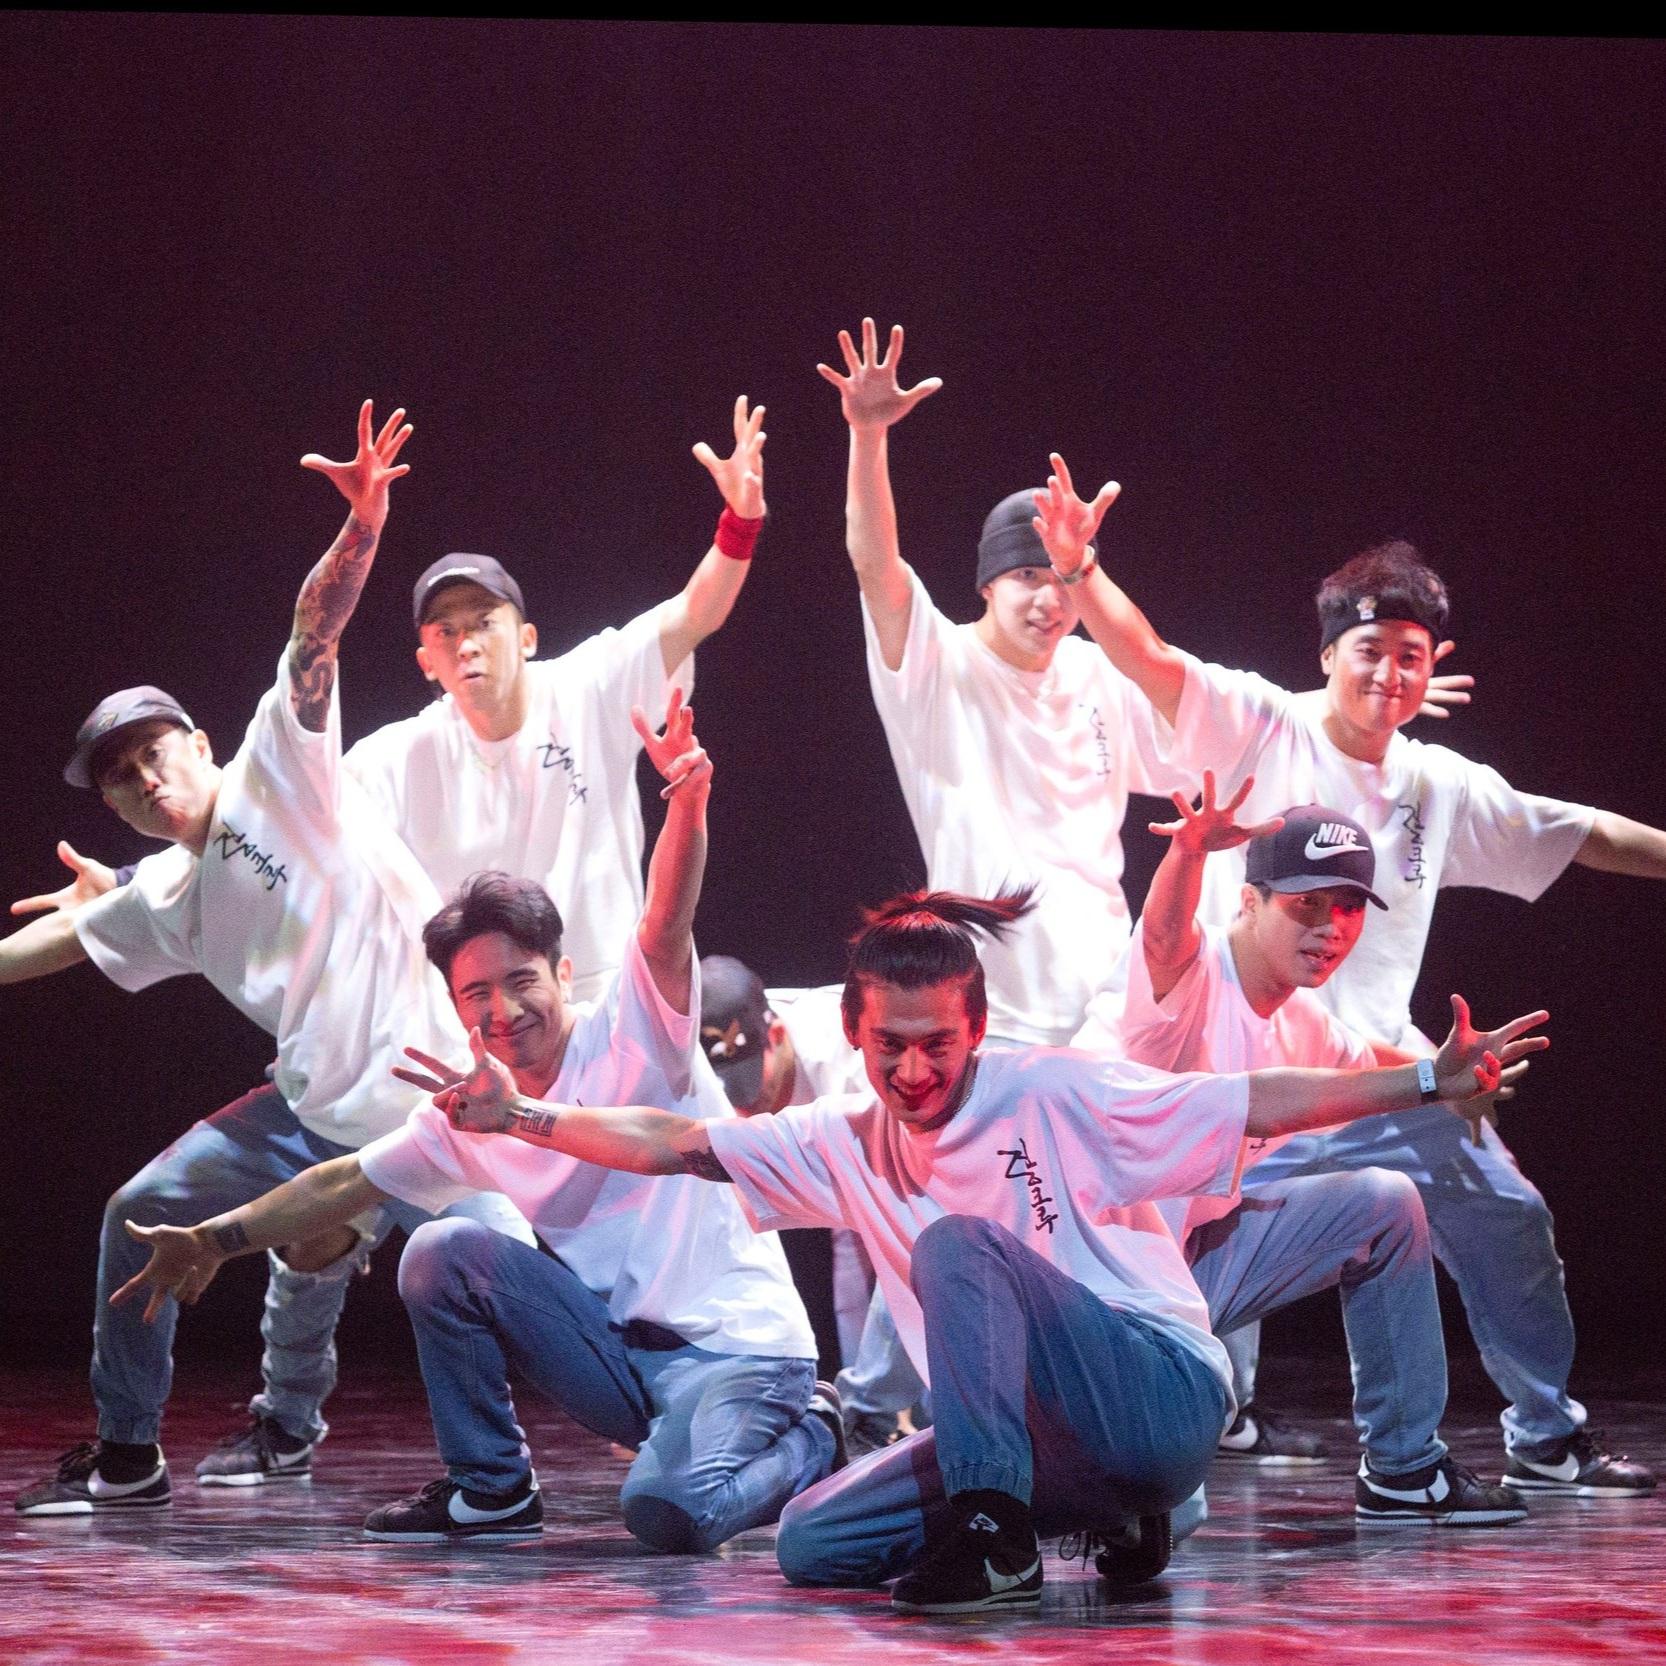 Jinjo Crew - Korea